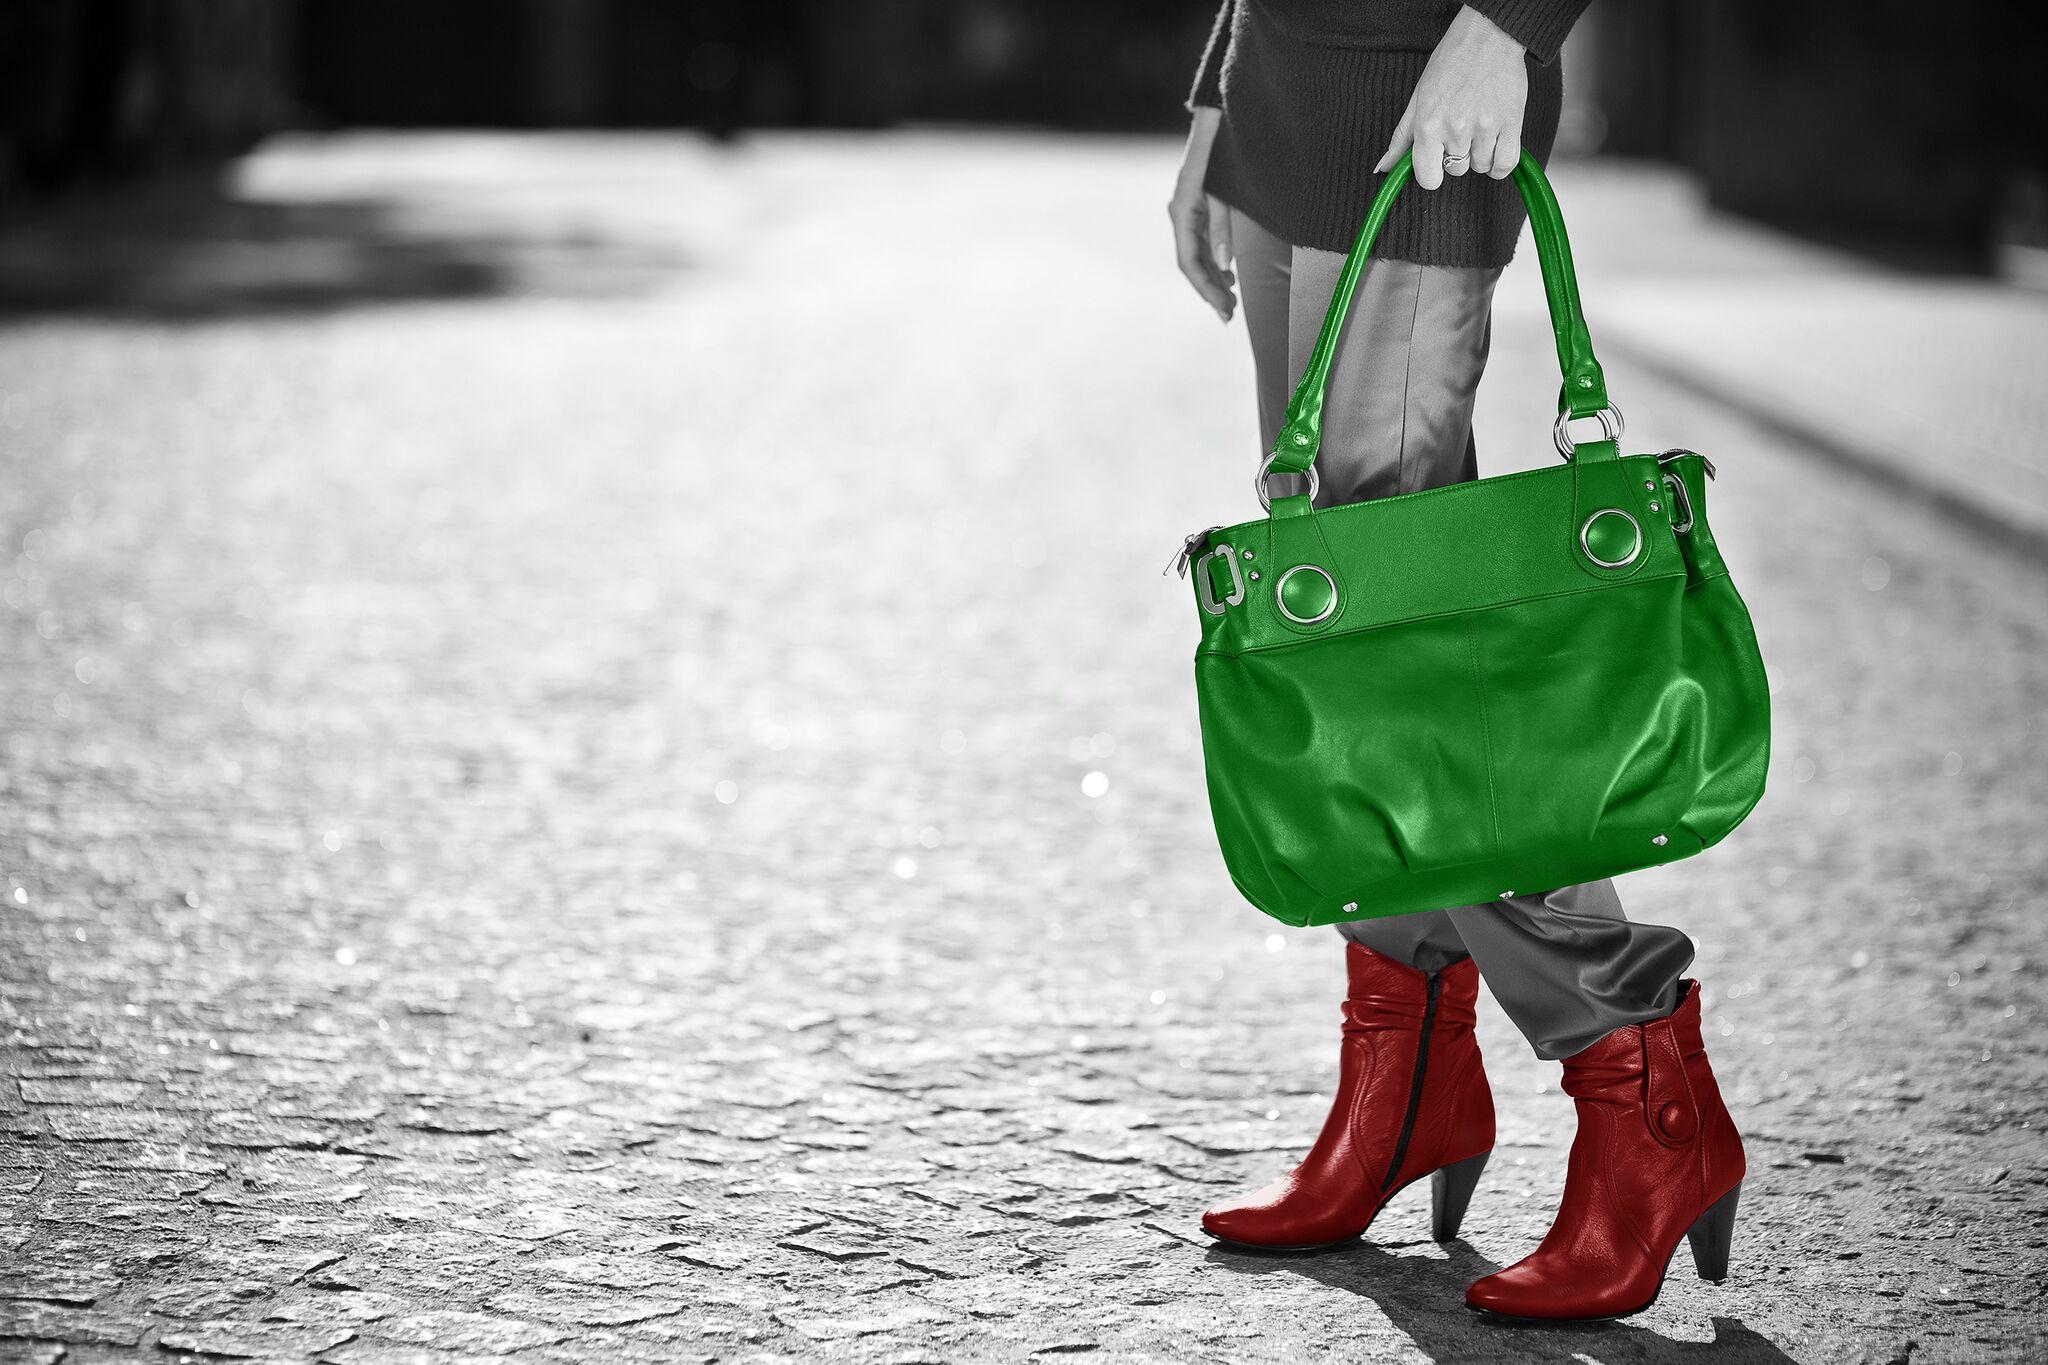 منتجع خاص للعناية بالأحذية والحقائب في دبي